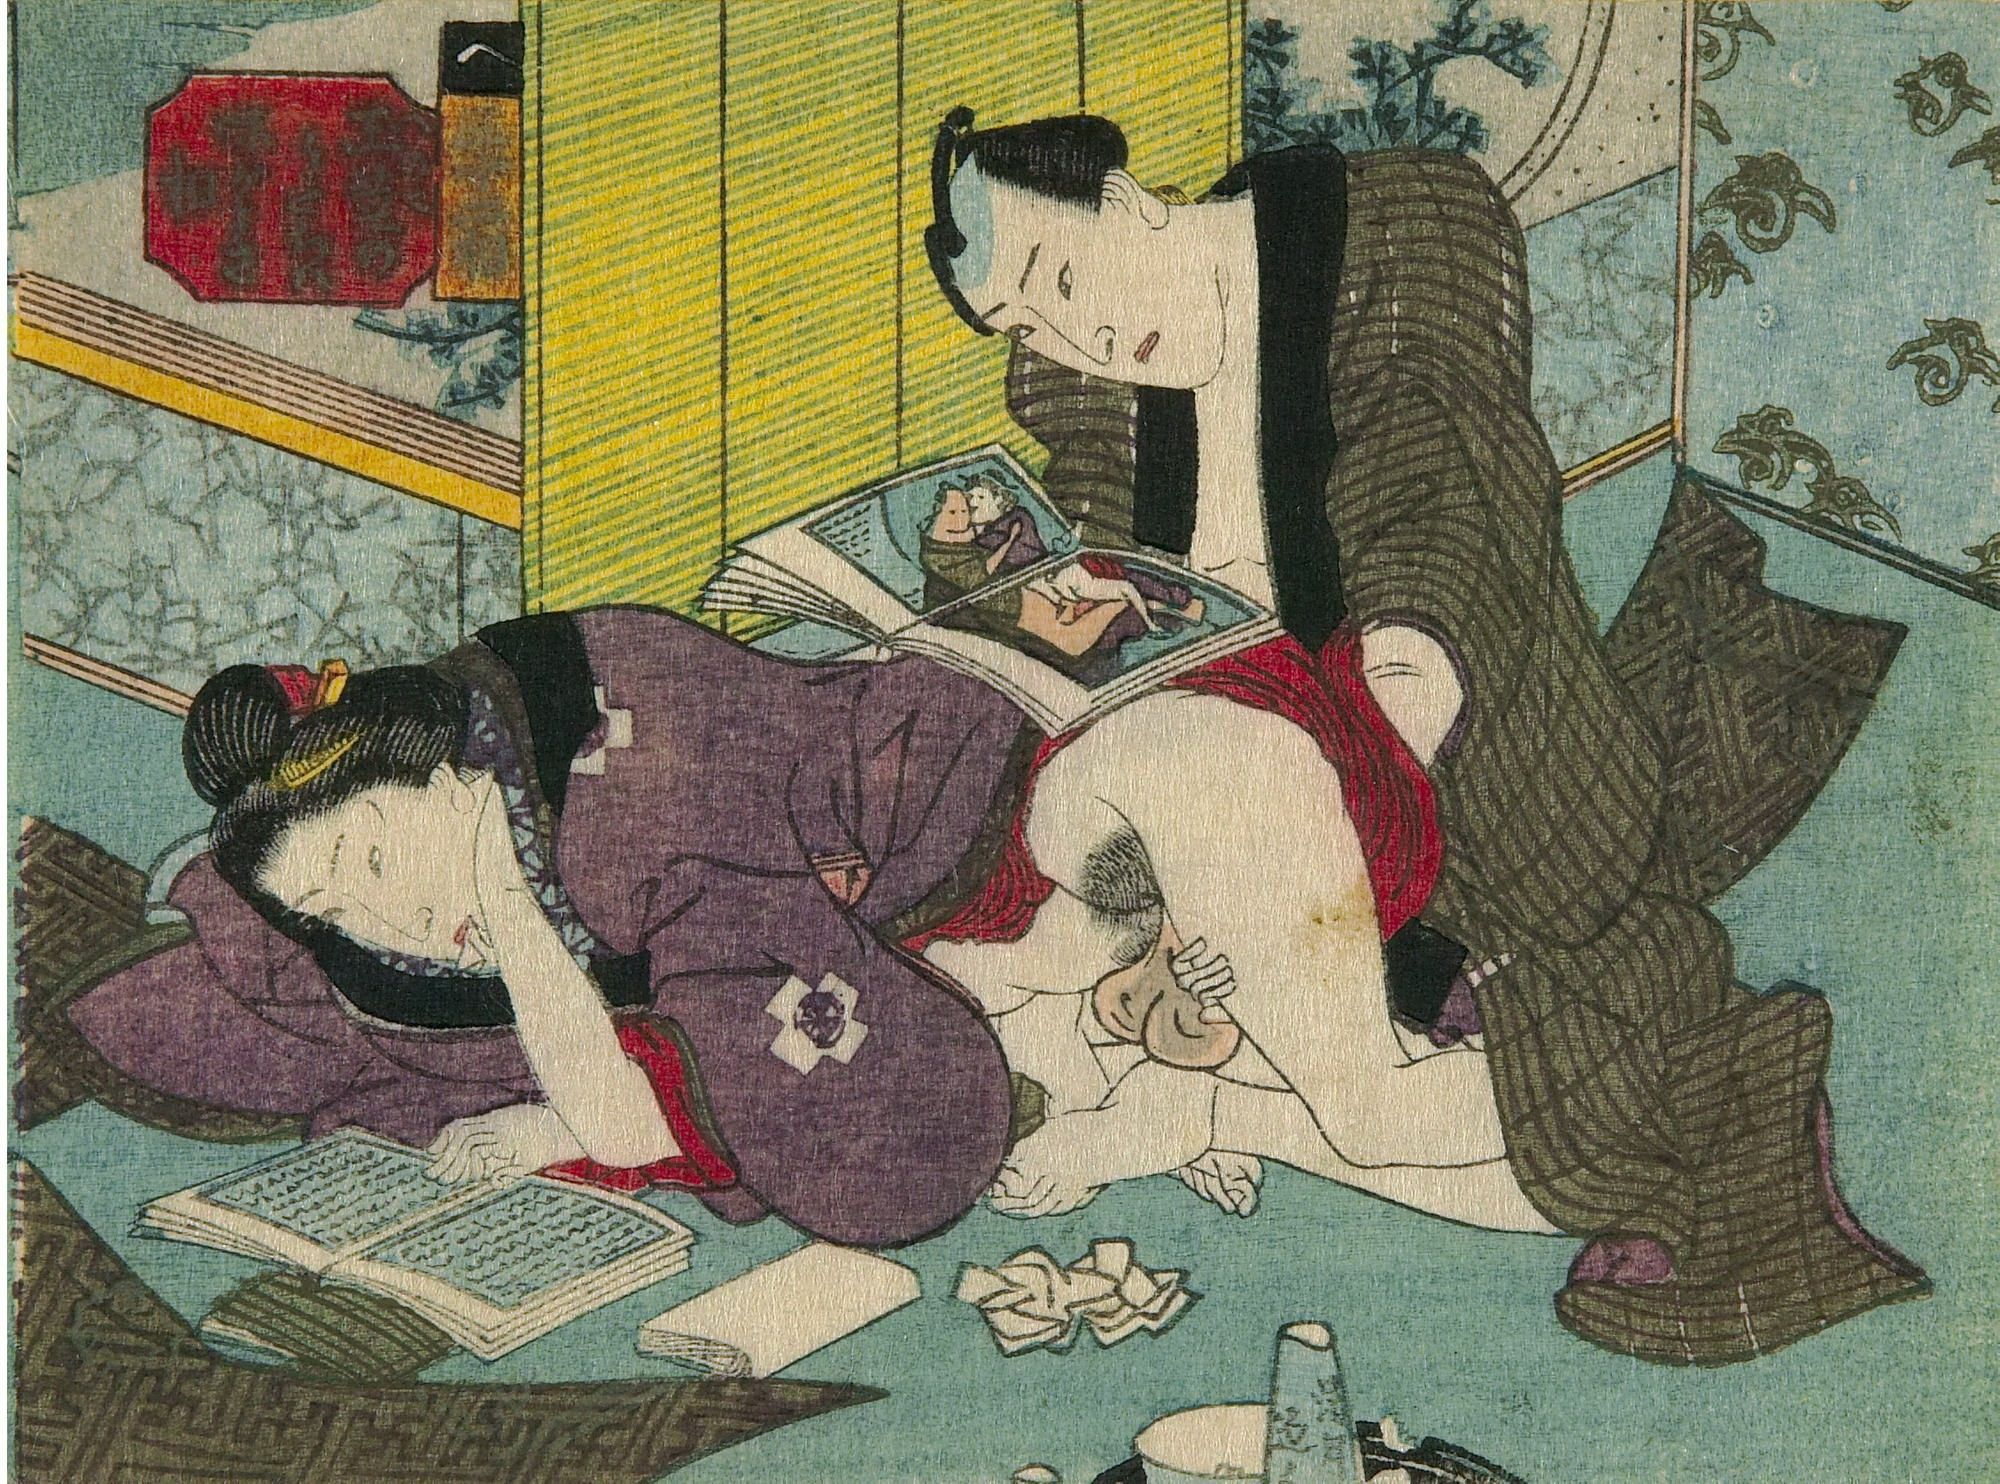 rizhaya-darti-porno-yaponskoe-drevnie-vremena